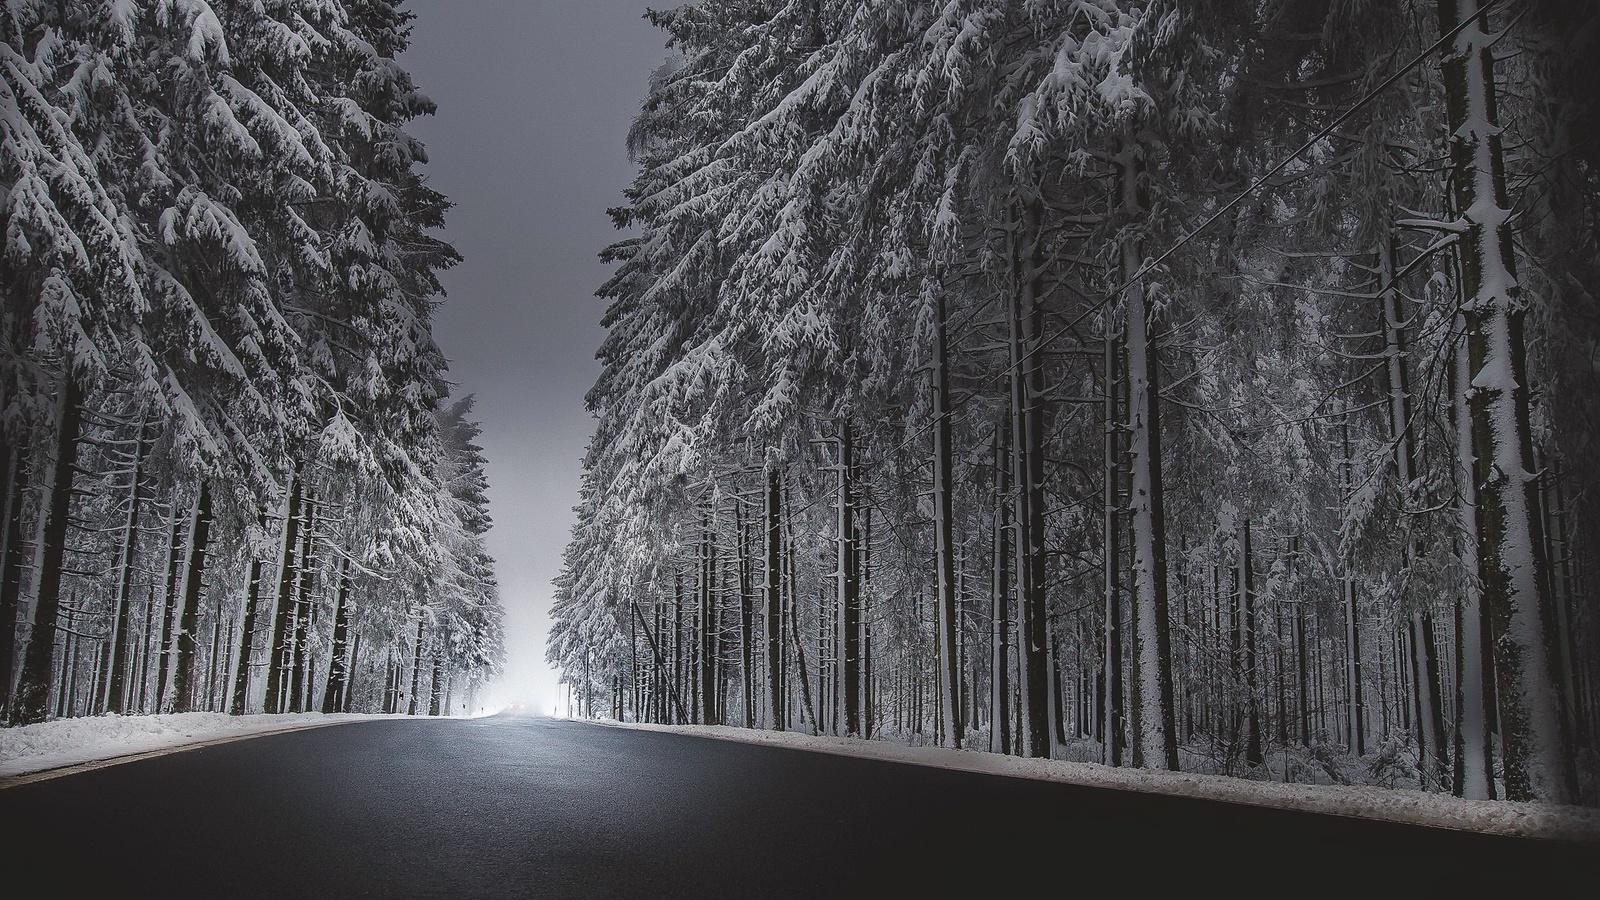 winter-road-asphalt-snow-17.jpg